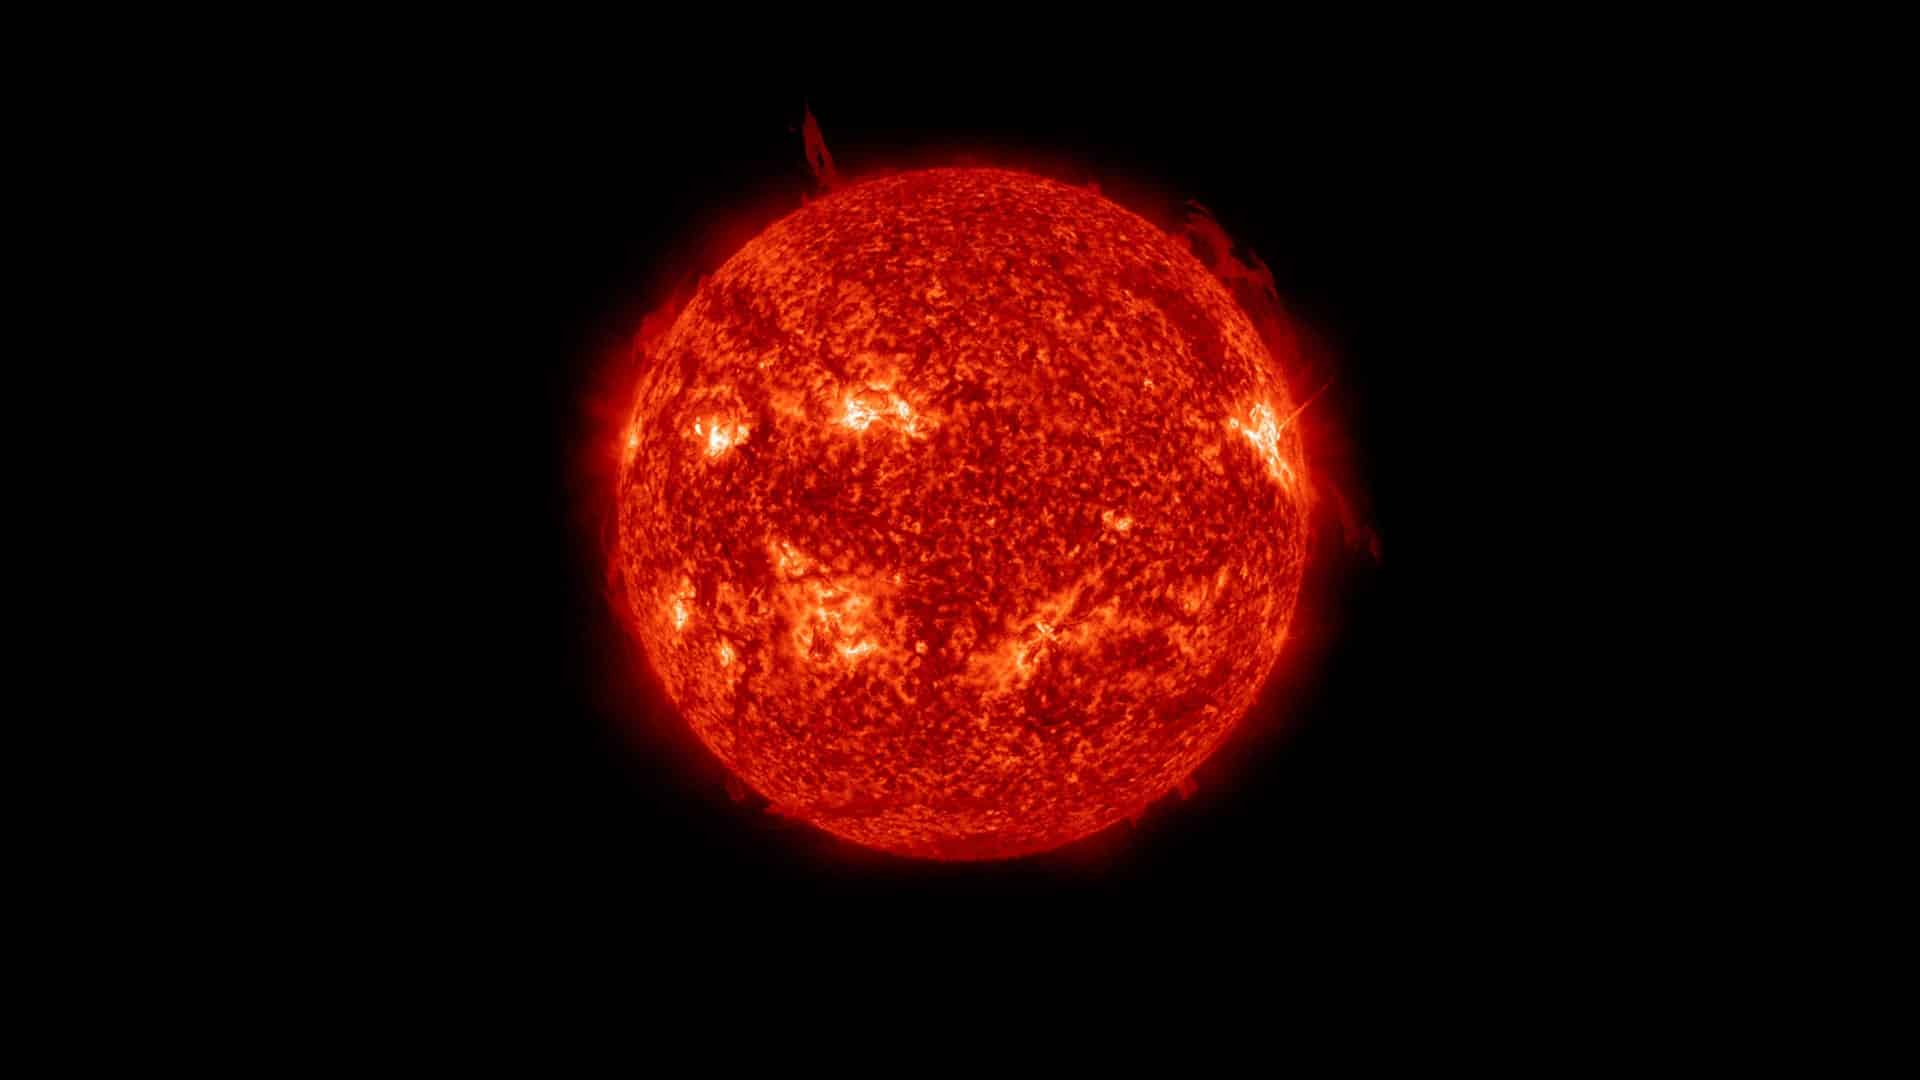 O que aconteceria se o Sol desaparecesse de repente?